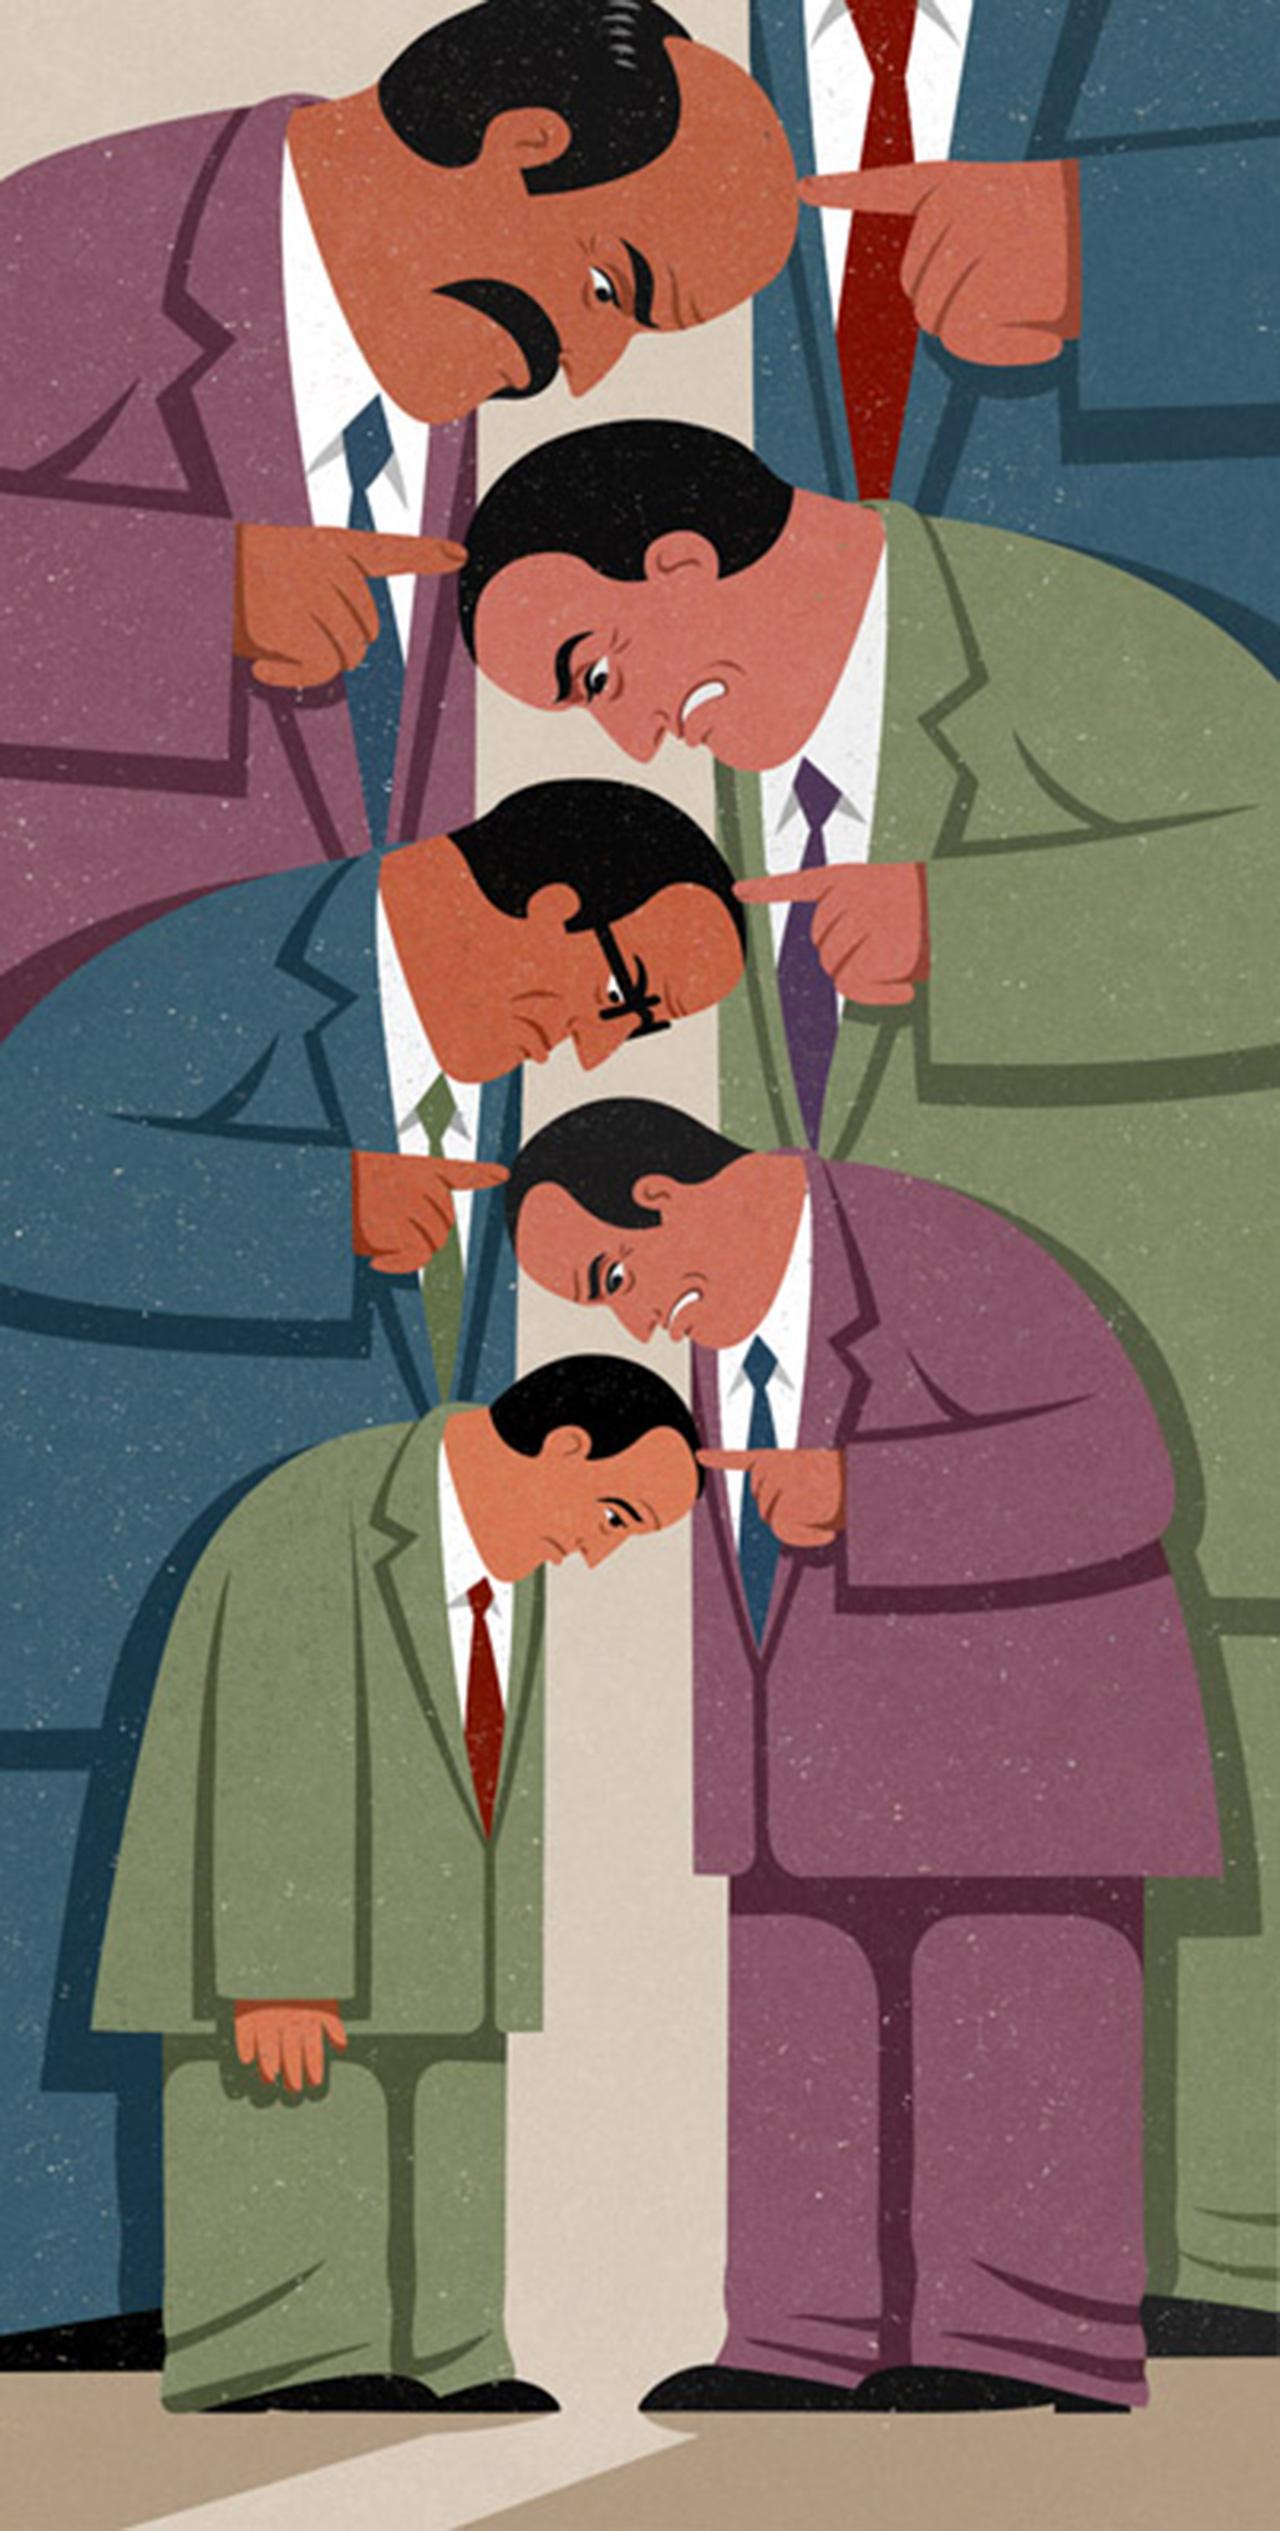 Napjaink problémáinak szatirikus ábrázolása az '50-es évek stílusával